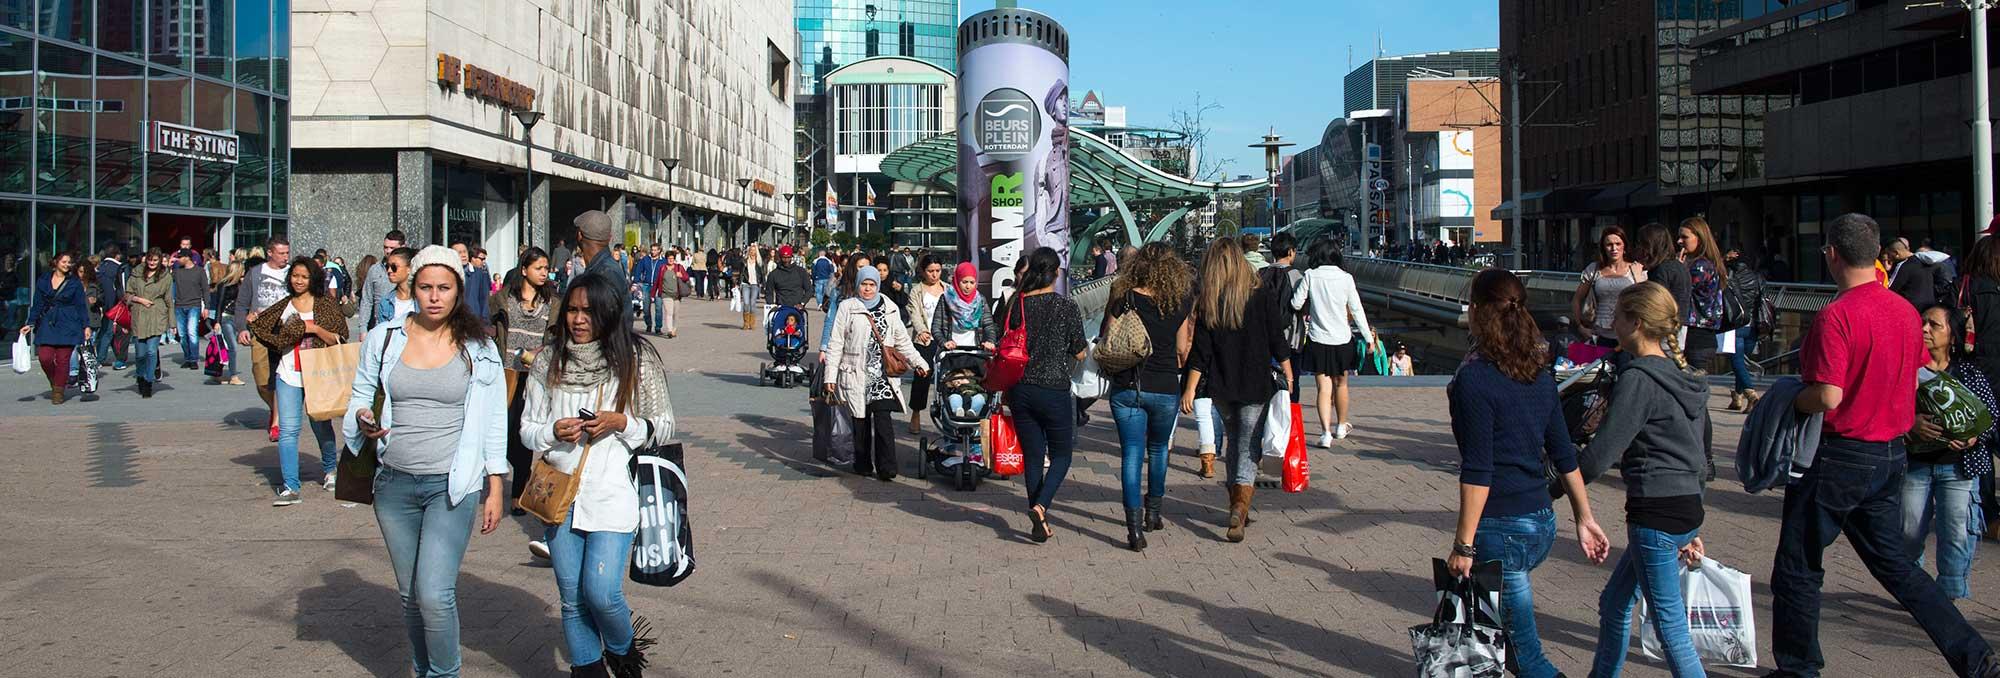 Winkelend publiek op het Beursplein in Rotterdam Centrum, op de pagina Deelgebieden van de website van UDSRotterdam